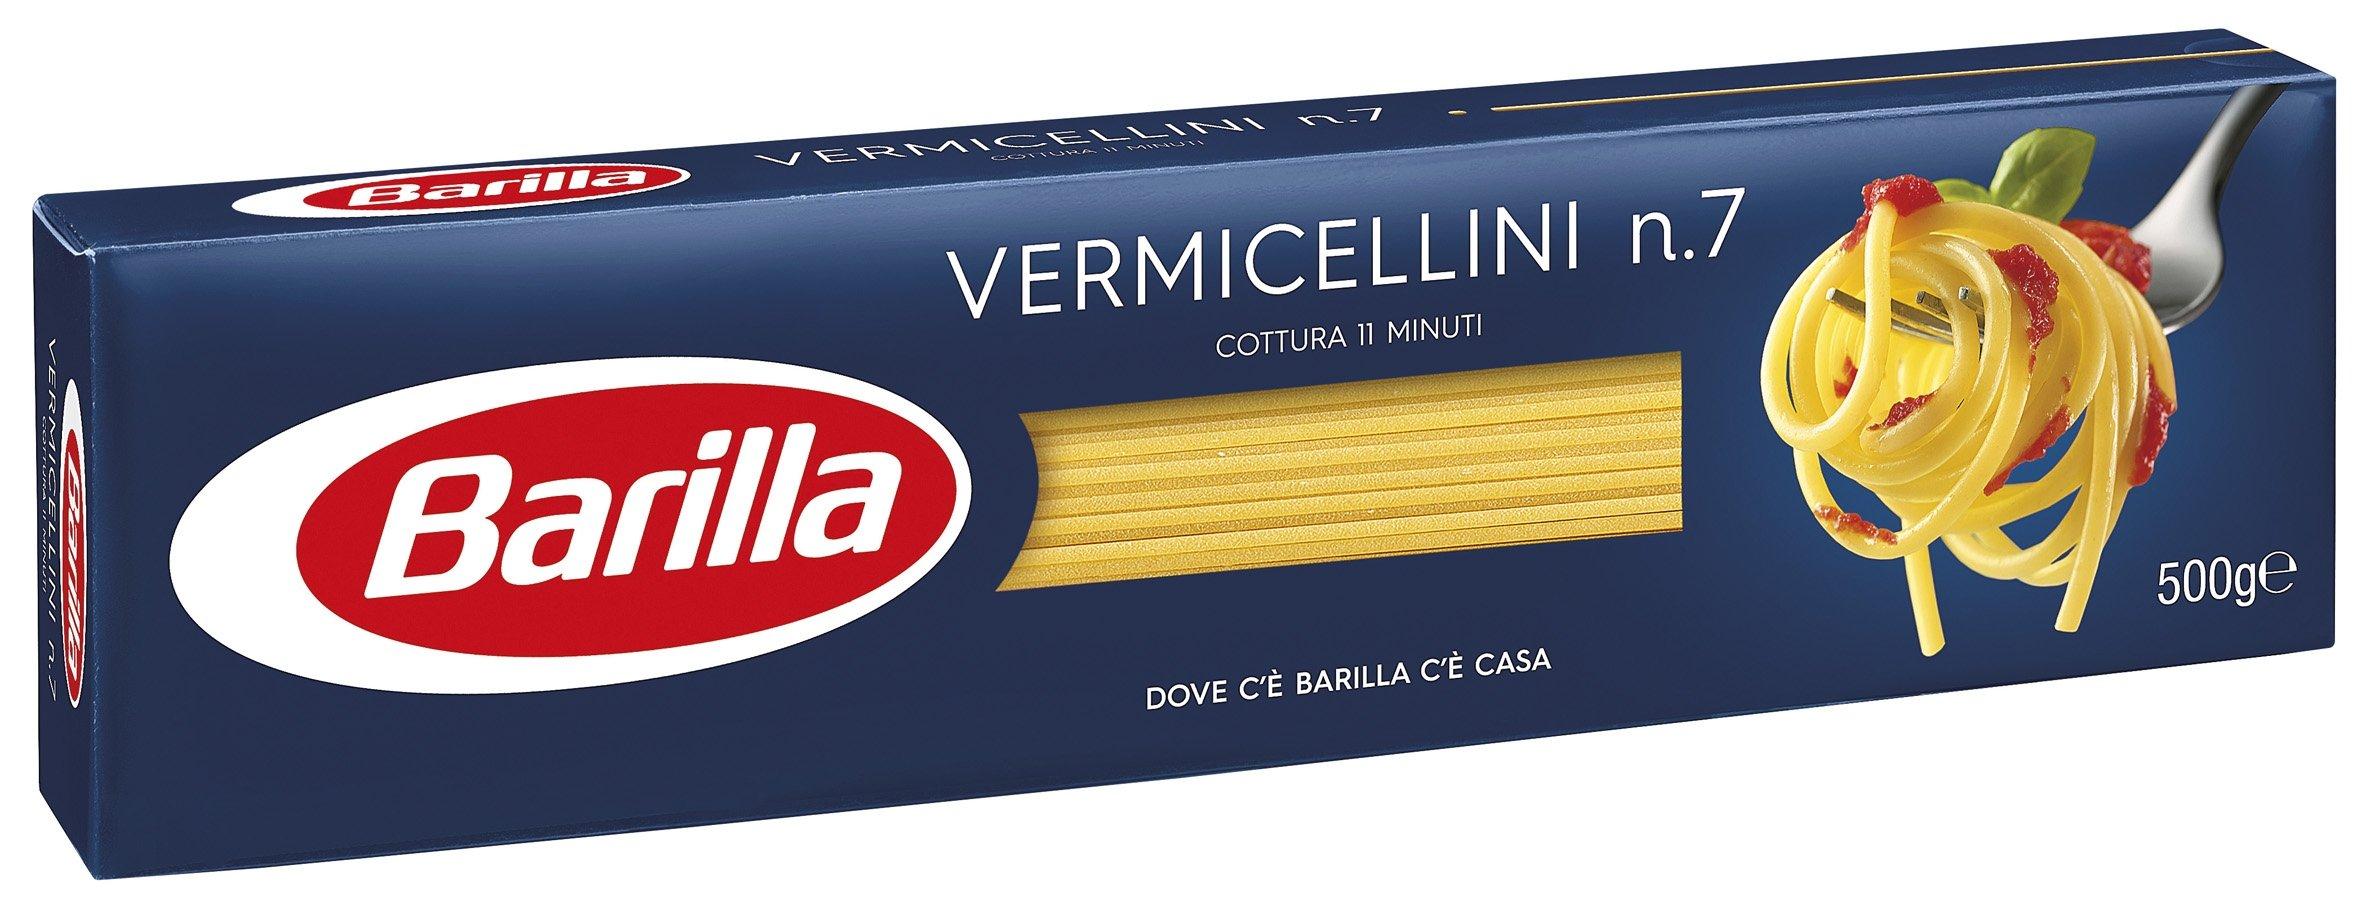 Barilla 007 Vermicellini Gr.500